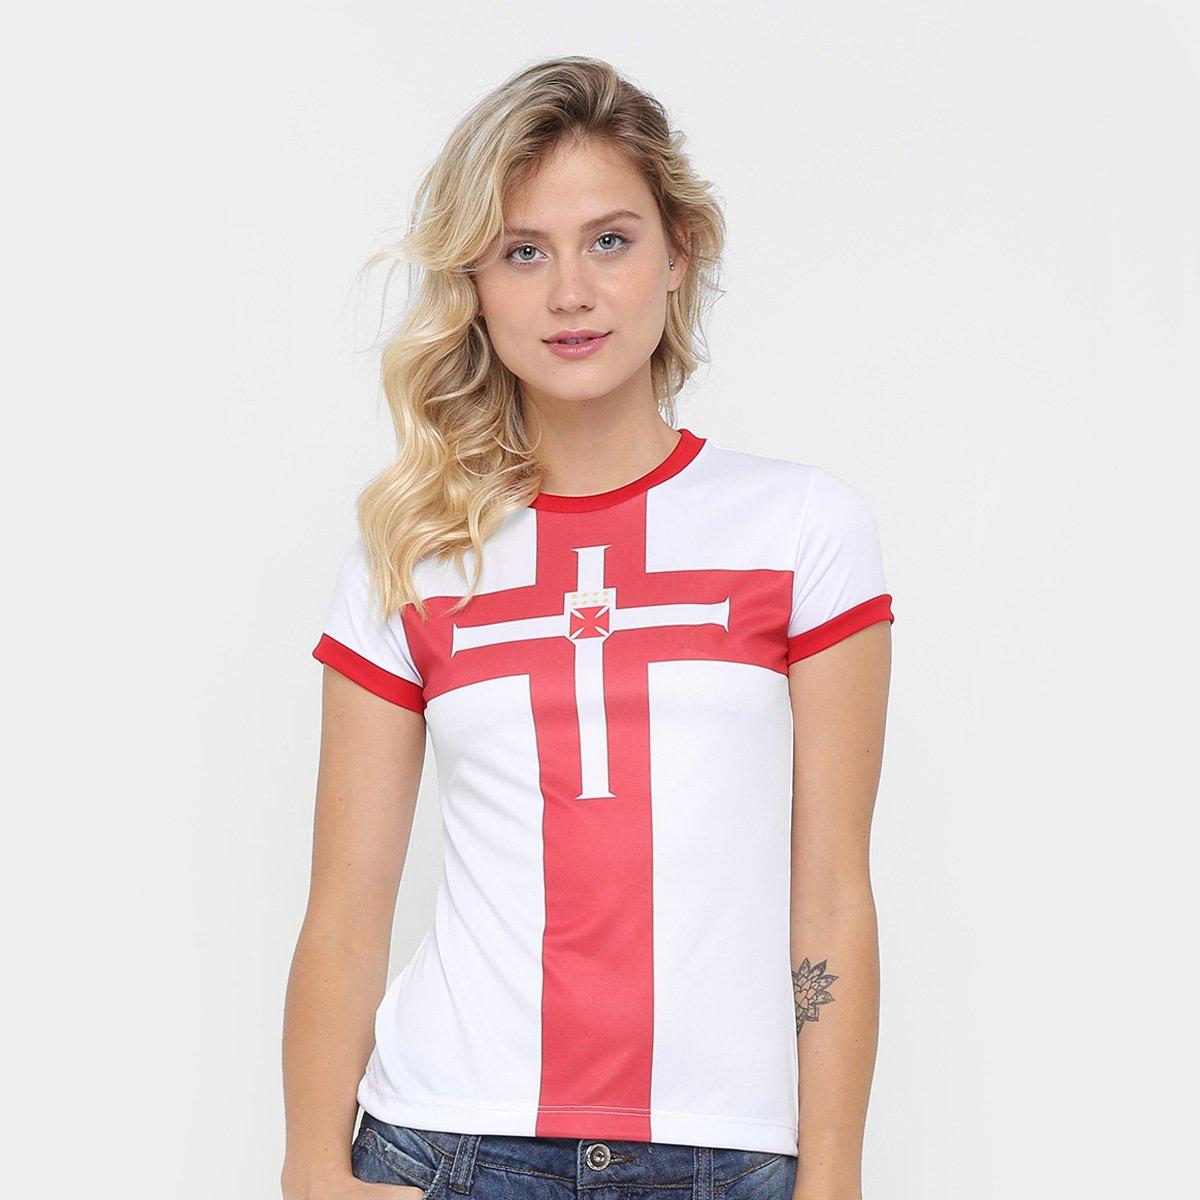 Camisa Vasco Templária - Ed. Limitada Feminina - Compre Agora  0dd8aee53d7bf